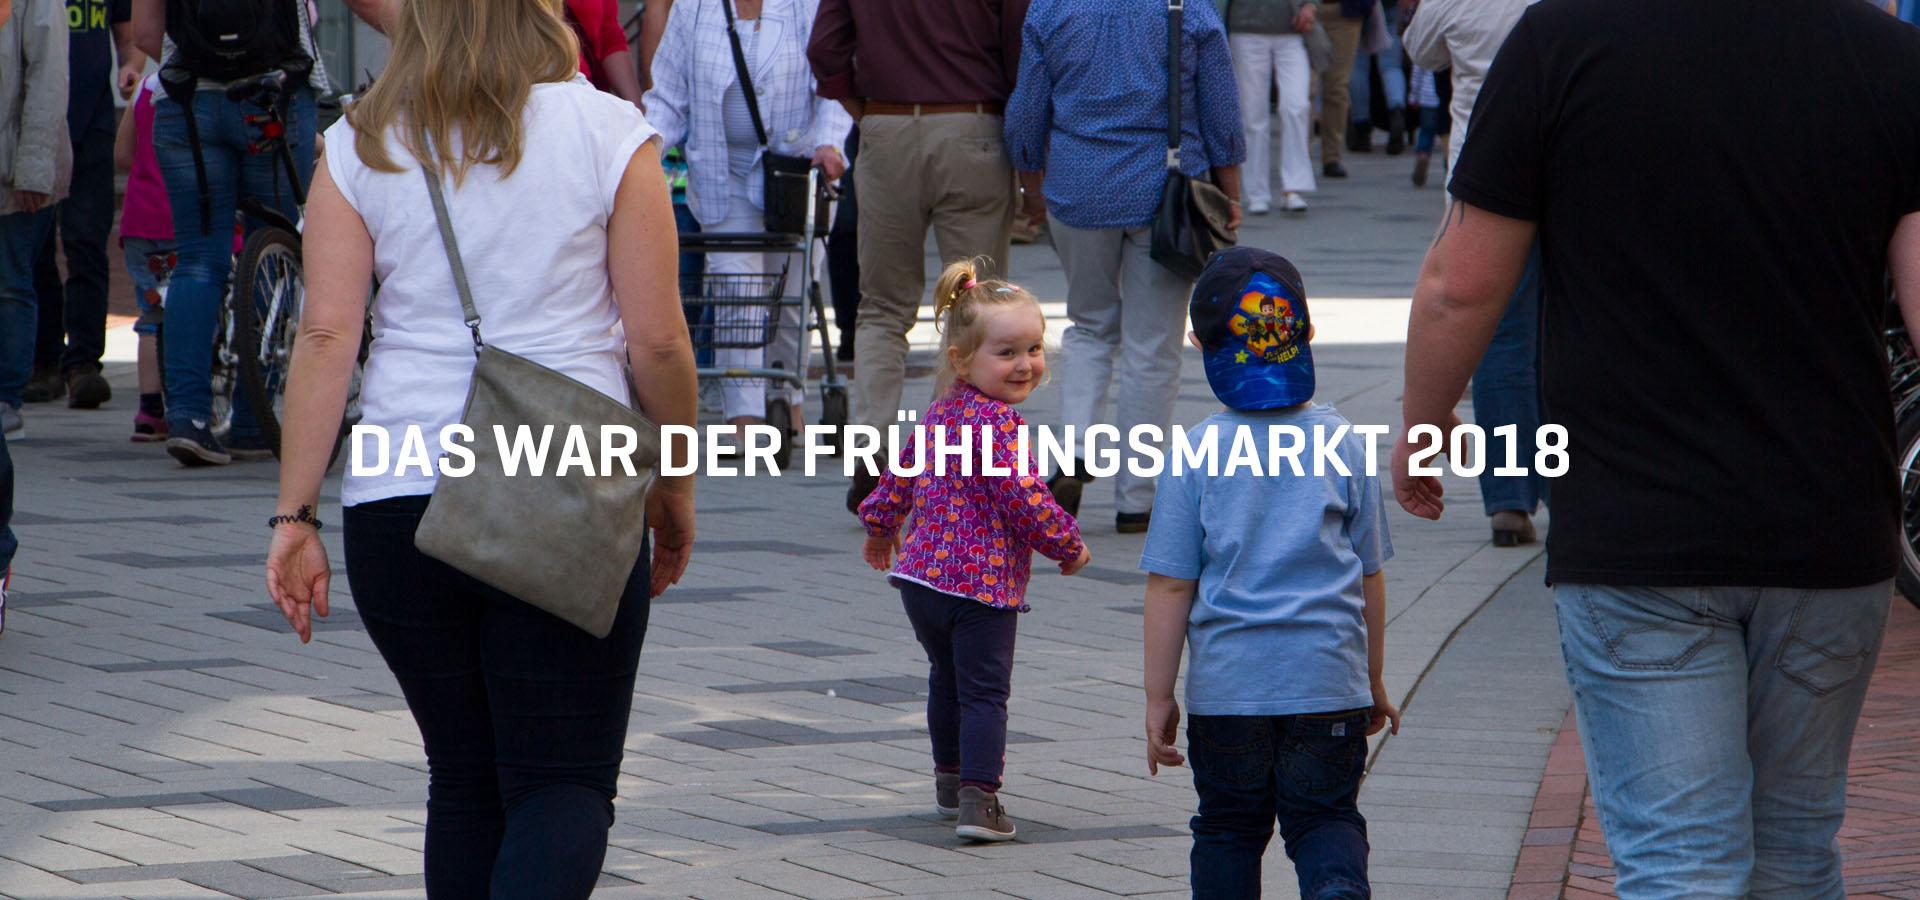 warfruehlingsmarkt18